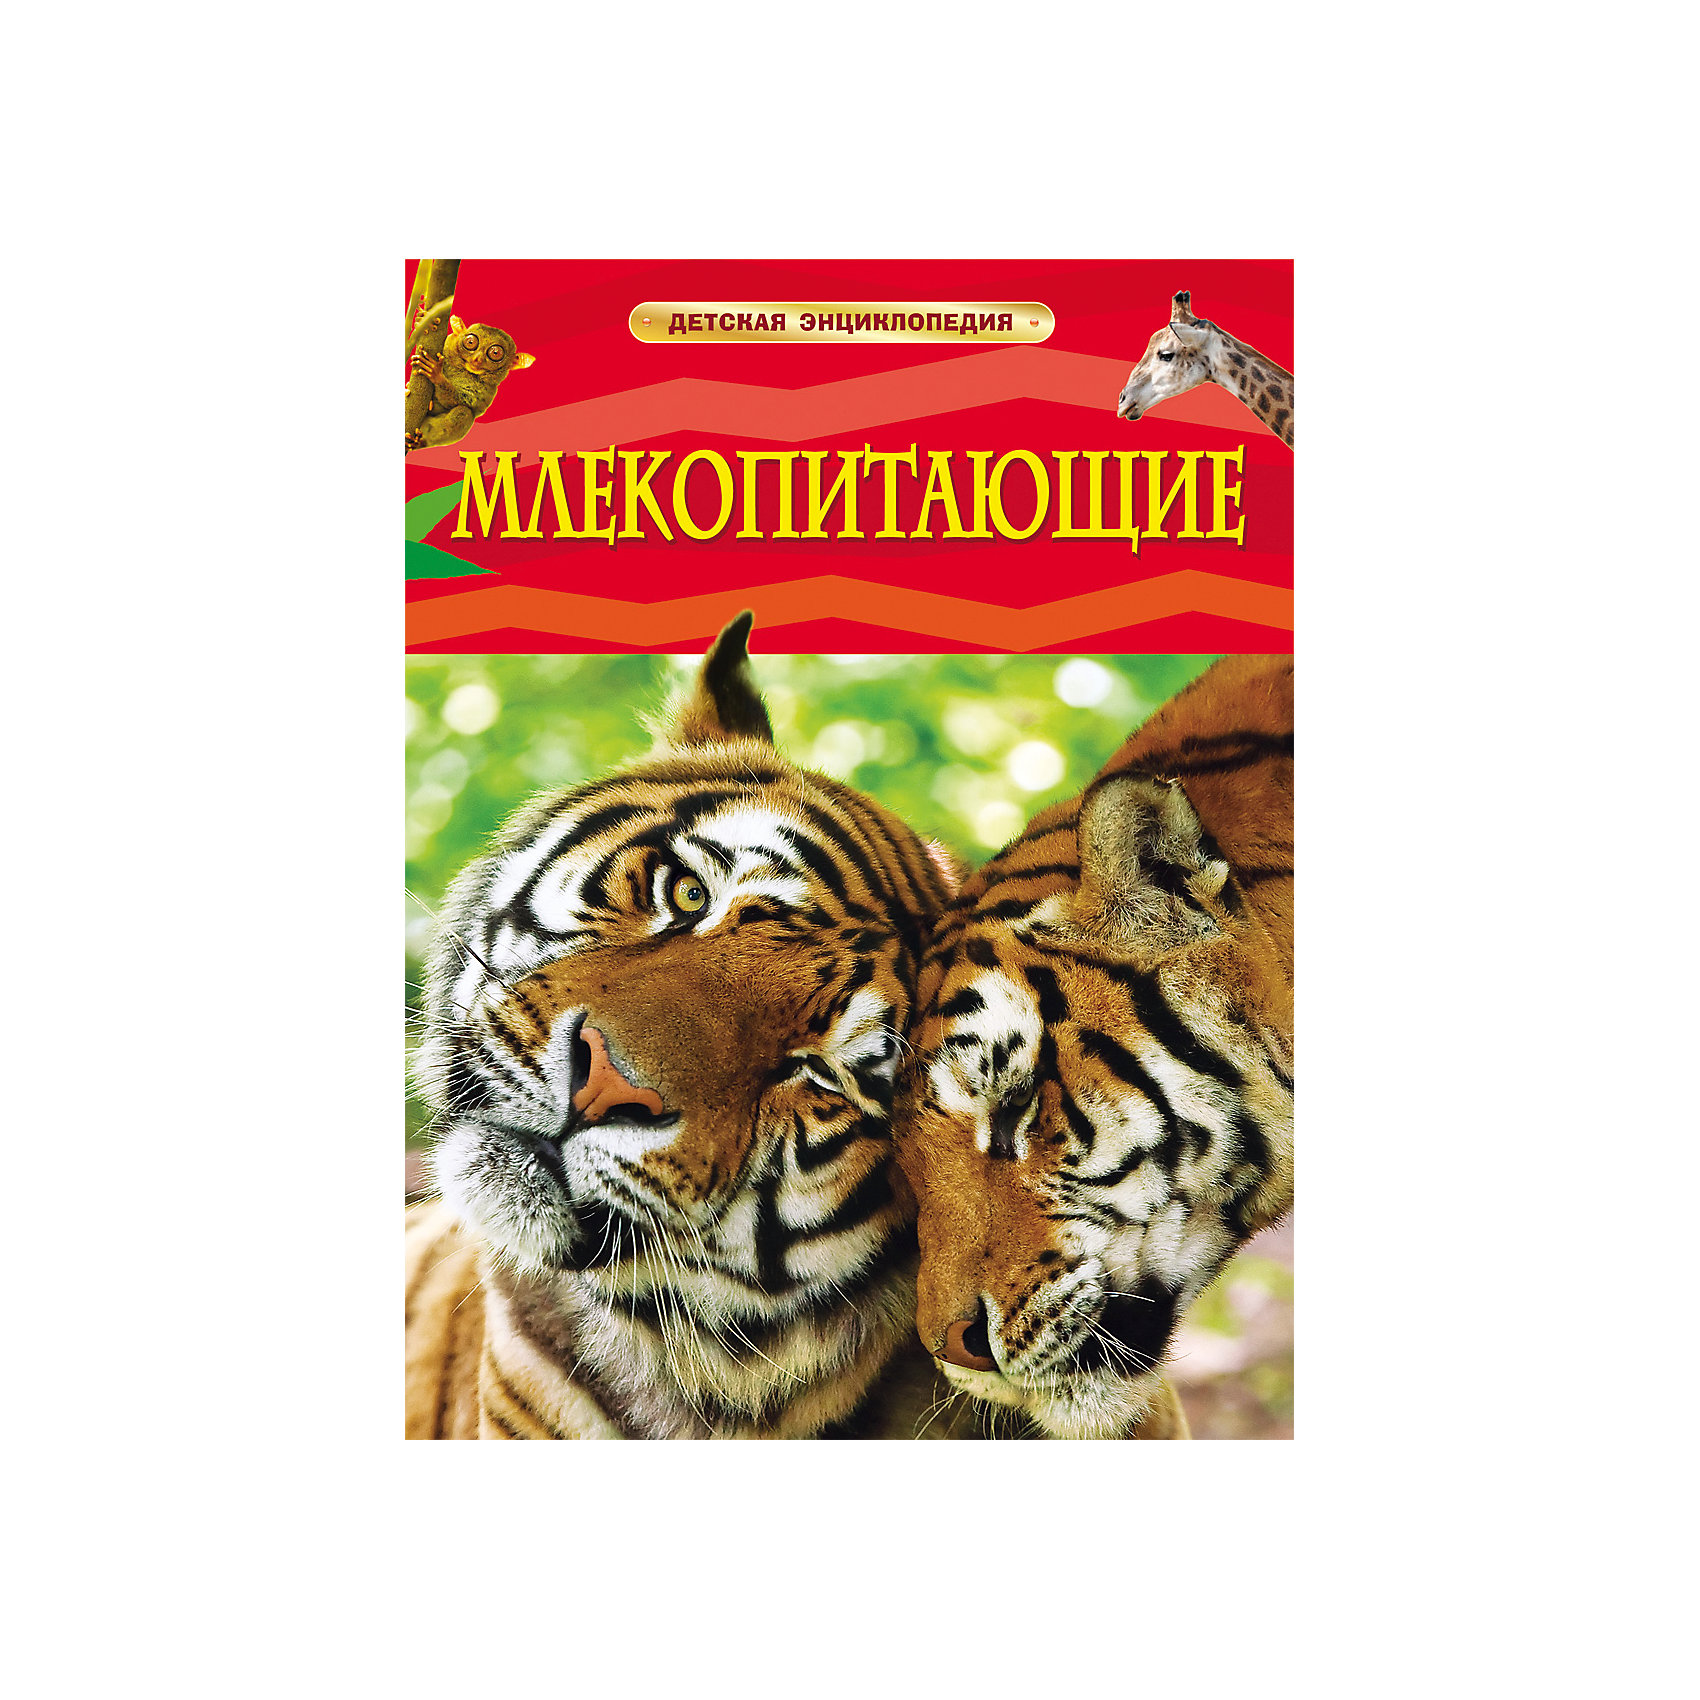 Млекопитающие, Детская энциклопедияДетские энциклопедии<br>Характеристики товара:<br><br>- цвет: разноцветный;<br>- материал: бумага;<br>- страниц: 48;<br>- формат: 20 x 26 см;<br>- обложка: твердая;<br>- цветные иллюстрации.<br><br>Эта интересная книга с иллюстрациями станет отличным подарком для ребенка. Она содержит в себе ответы на вопросы, которые интересуют малышей. Всё представлено в очень простой форме! Талантливый иллюстратор дополнил книгу качественными рисунками, которые помогают ребенку понять суть многих вещей в нашем мире. Удивительные и интересные факты помогут привить любовь к учебе!<br>Чтение - отличный способ активизации мышления, оно помогает ребенку развивать зрительную память, концентрацию внимания и воображение. Издание произведено из качественных материалов, которые безопасны даже для самых маленьких.<br><br>Книгу Млекопитающие, Детская энциклопедия от компании Росмэн можно купить в нашем интернет-магазине.<br><br>Ширина мм: 265<br>Глубина мм: 205<br>Высота мм: 5<br>Вес г: 337<br>Возраст от месяцев: 60<br>Возраст до месяцев: 84<br>Пол: Унисекс<br>Возраст: Детский<br>SKU: 5109969